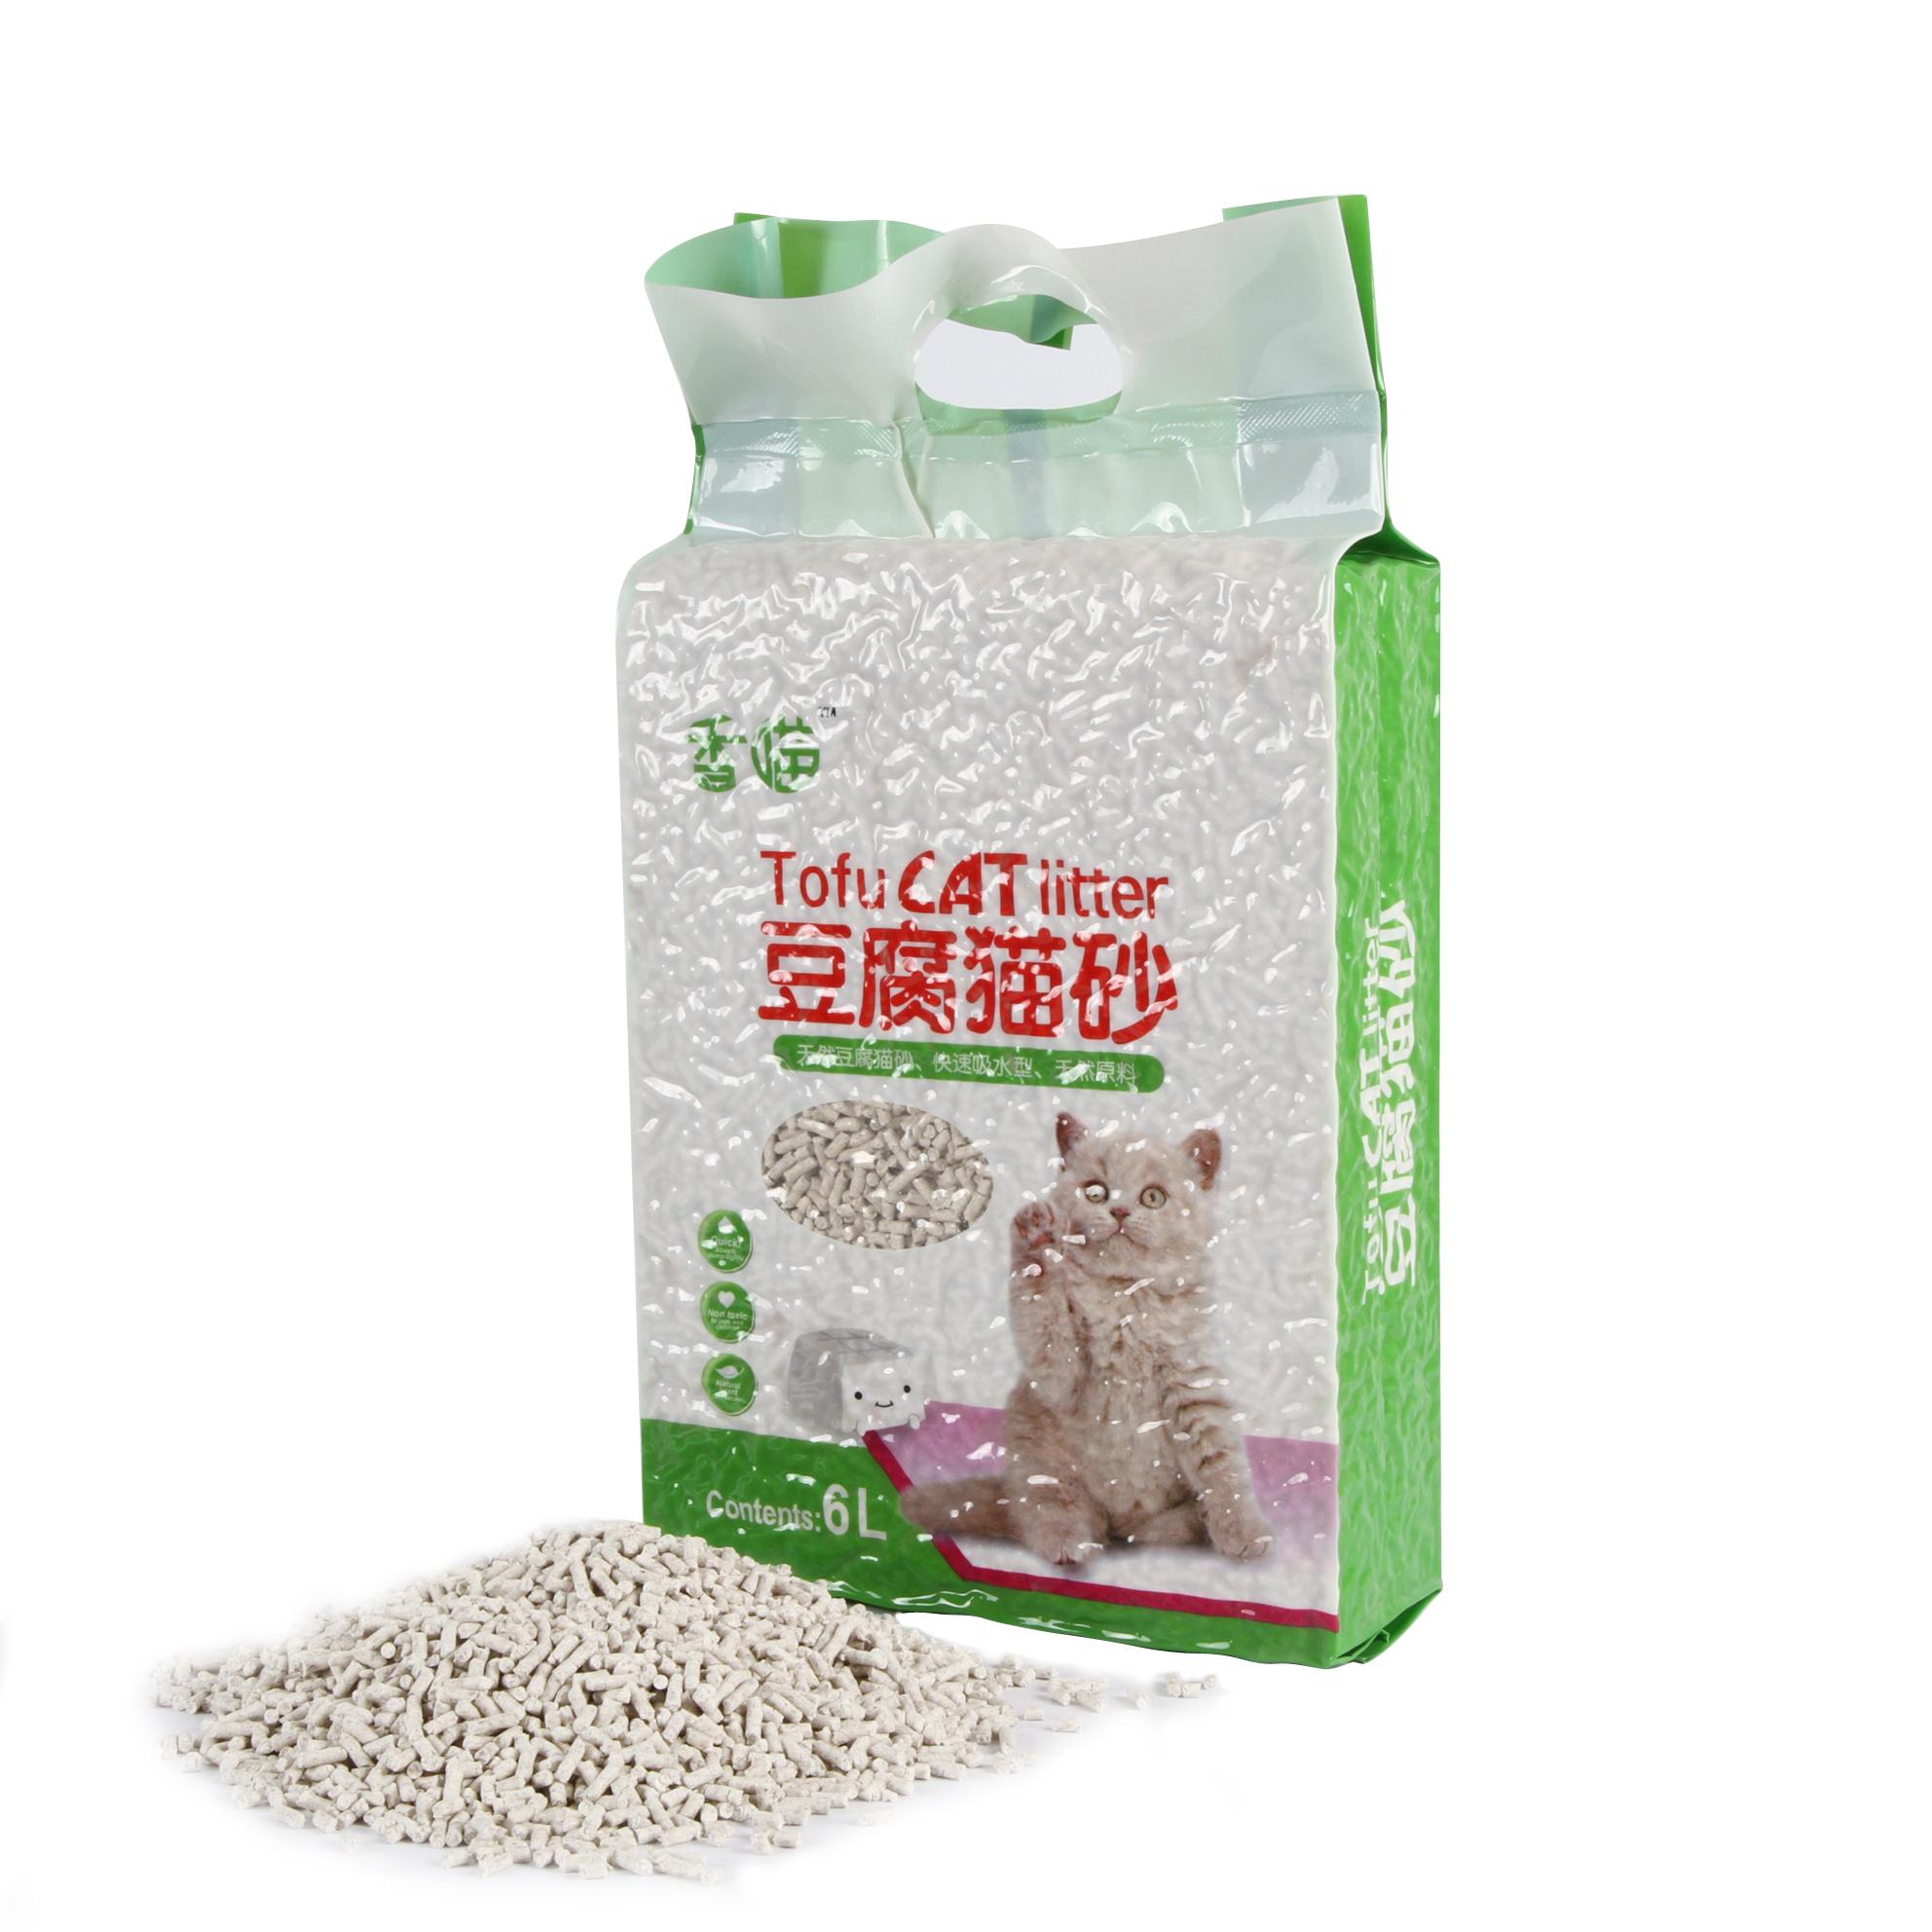 Zand kat tofu